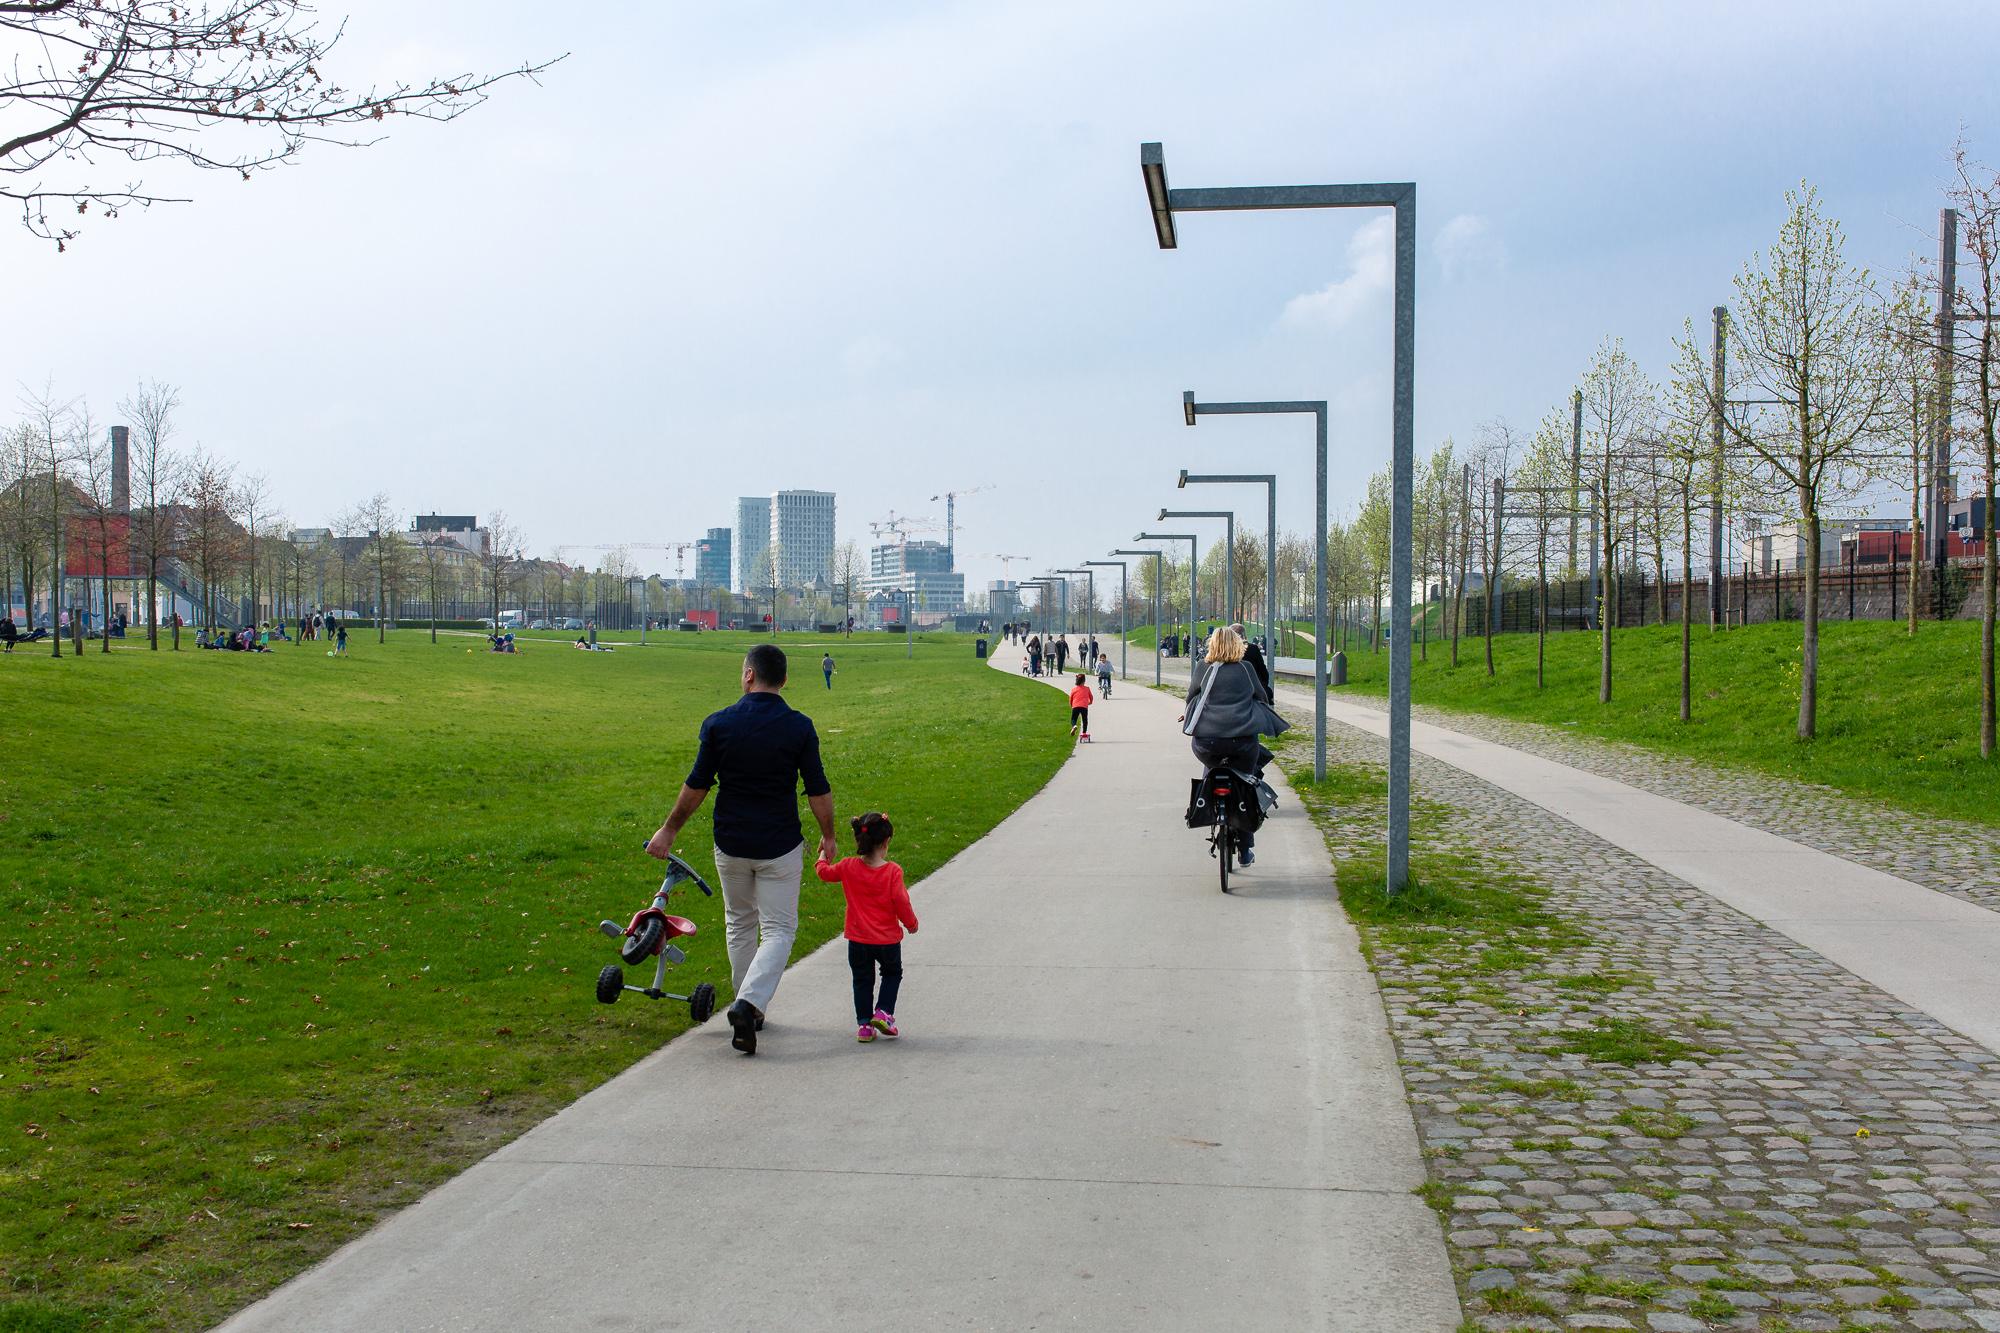 Antwerpen : Park Spoor Noord